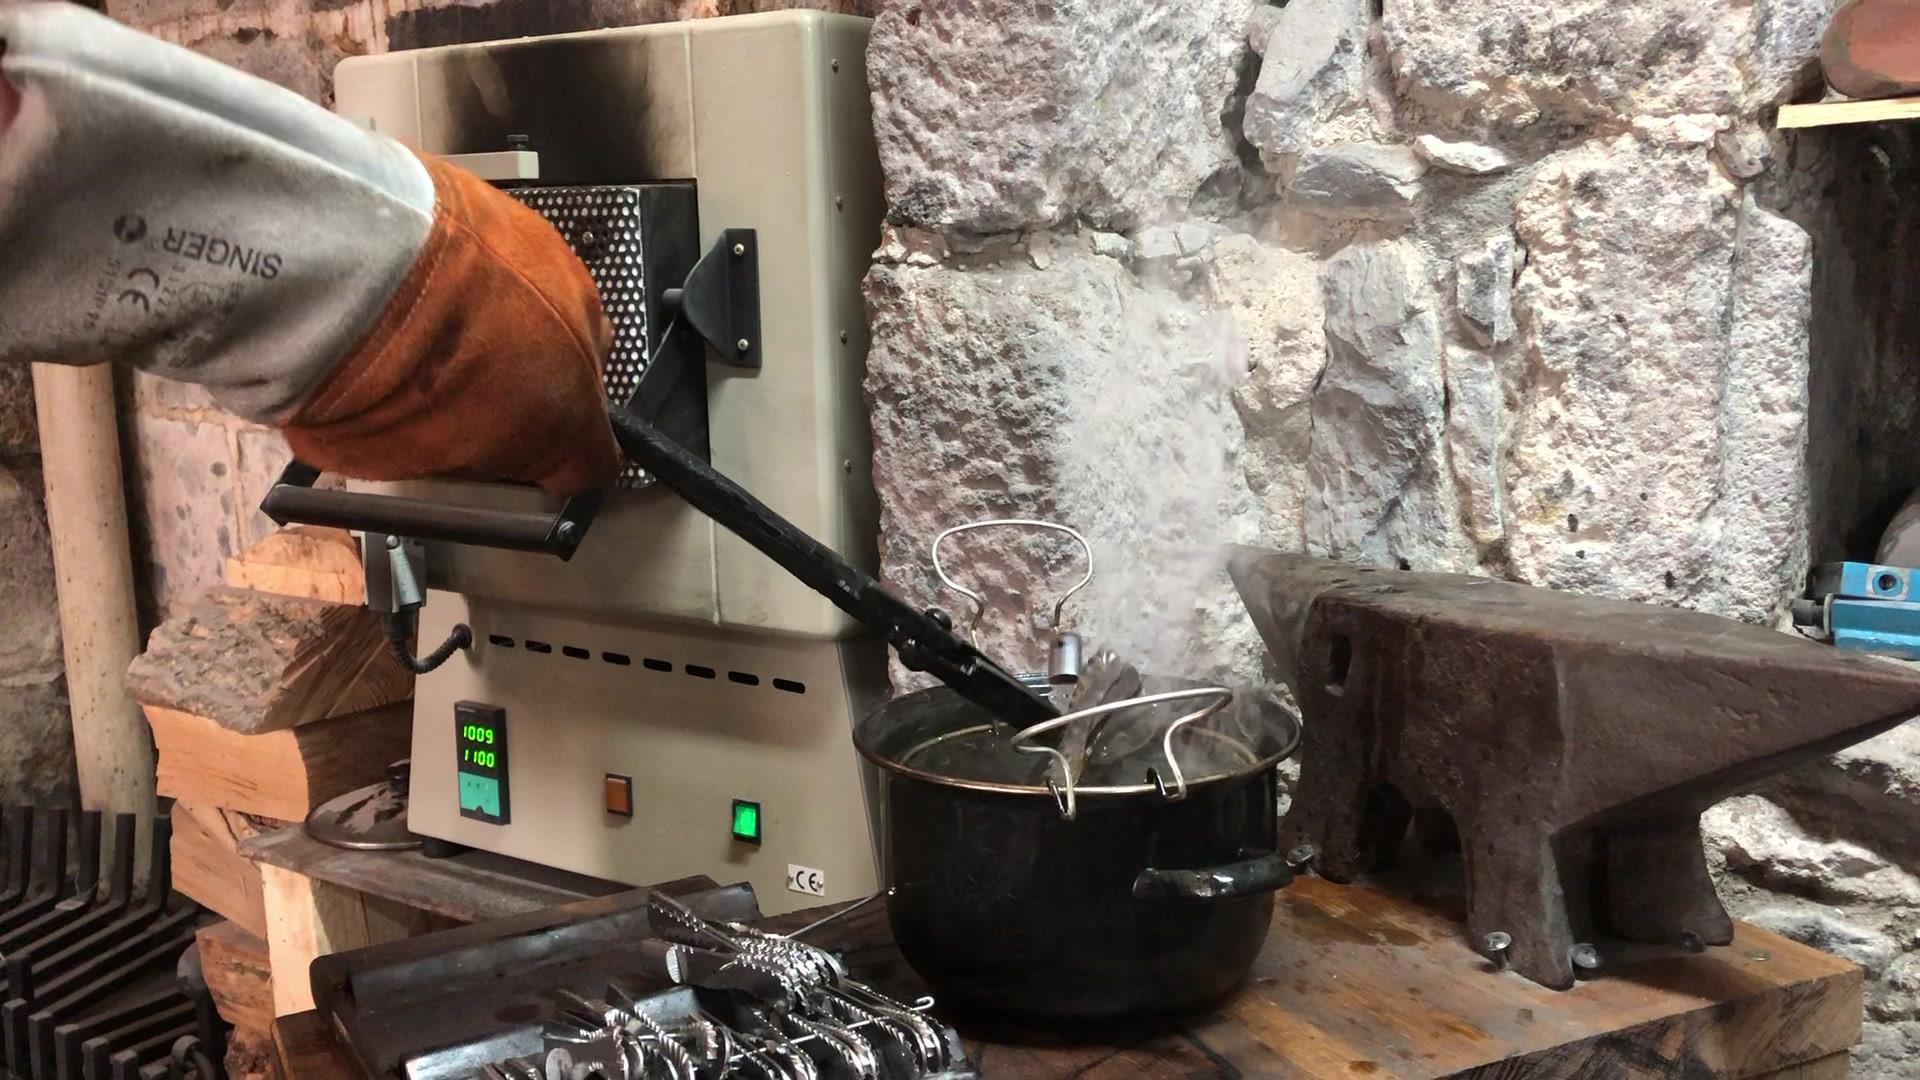 Fabrication de couteaux à Salers